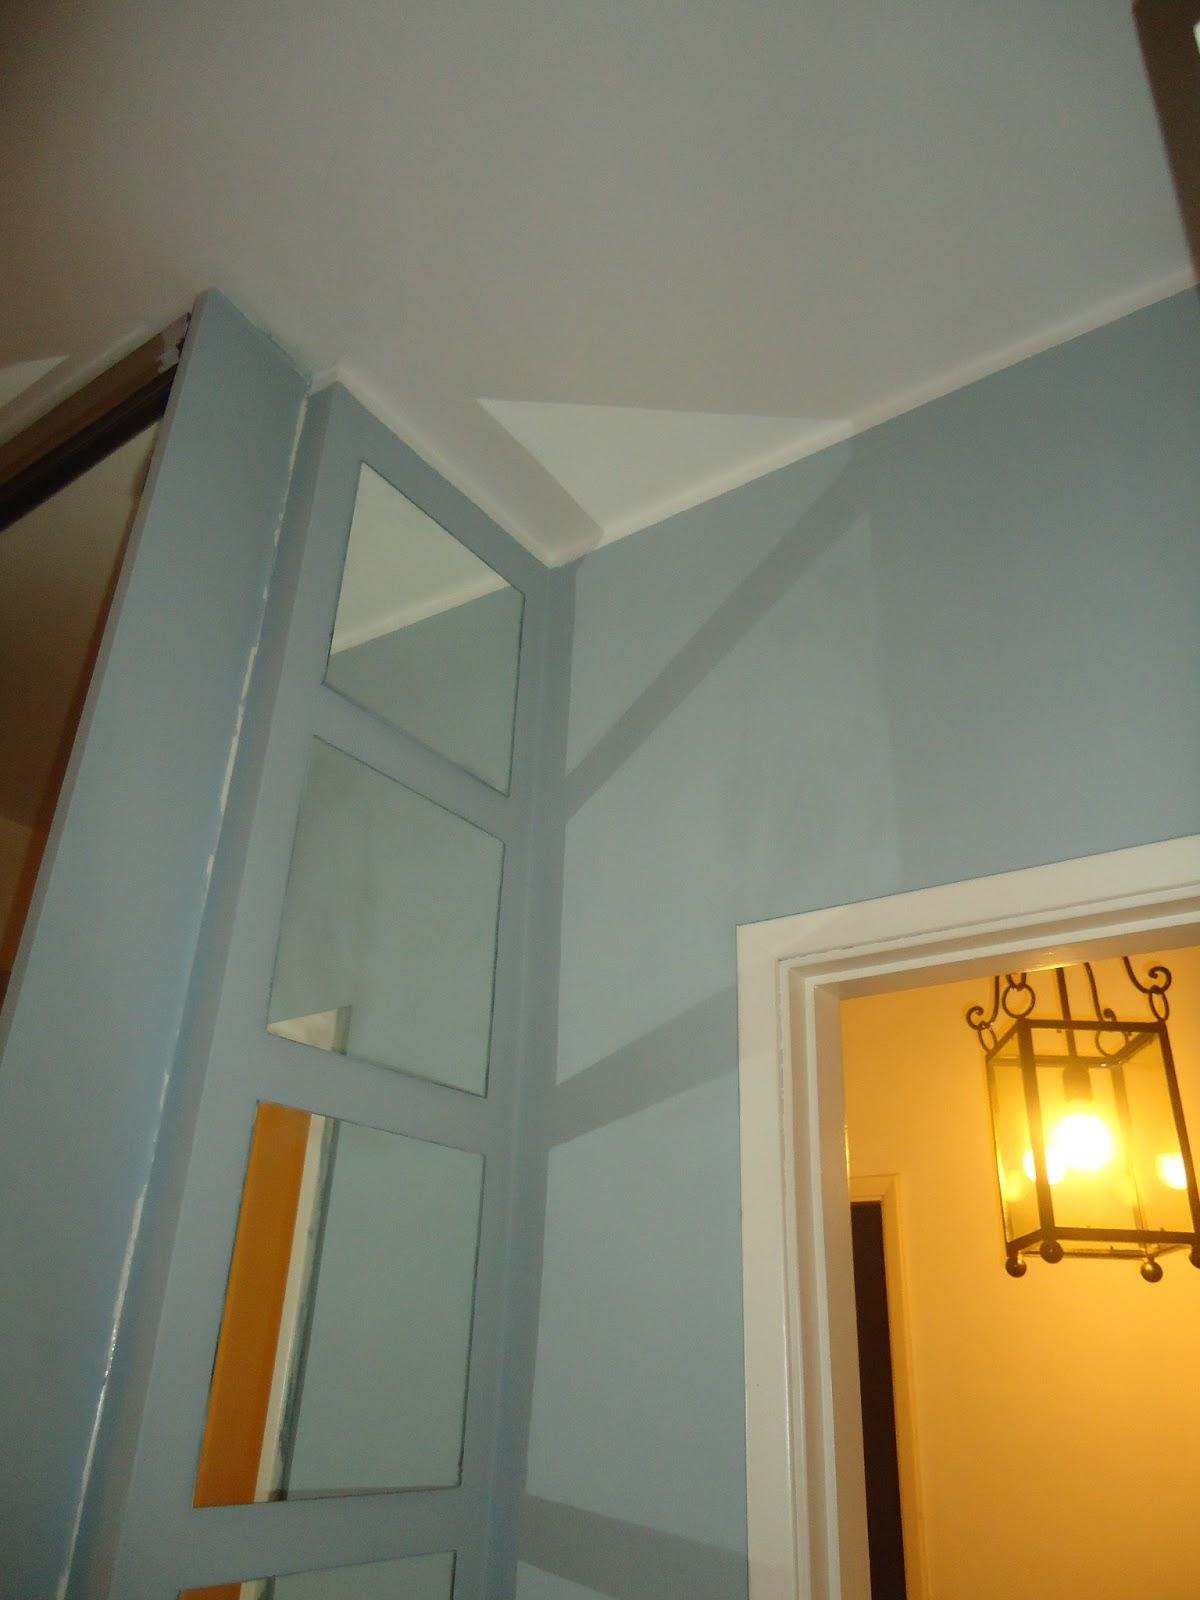 Atelyer katy decoracao com papel de parede - Papel paredes ikea ...